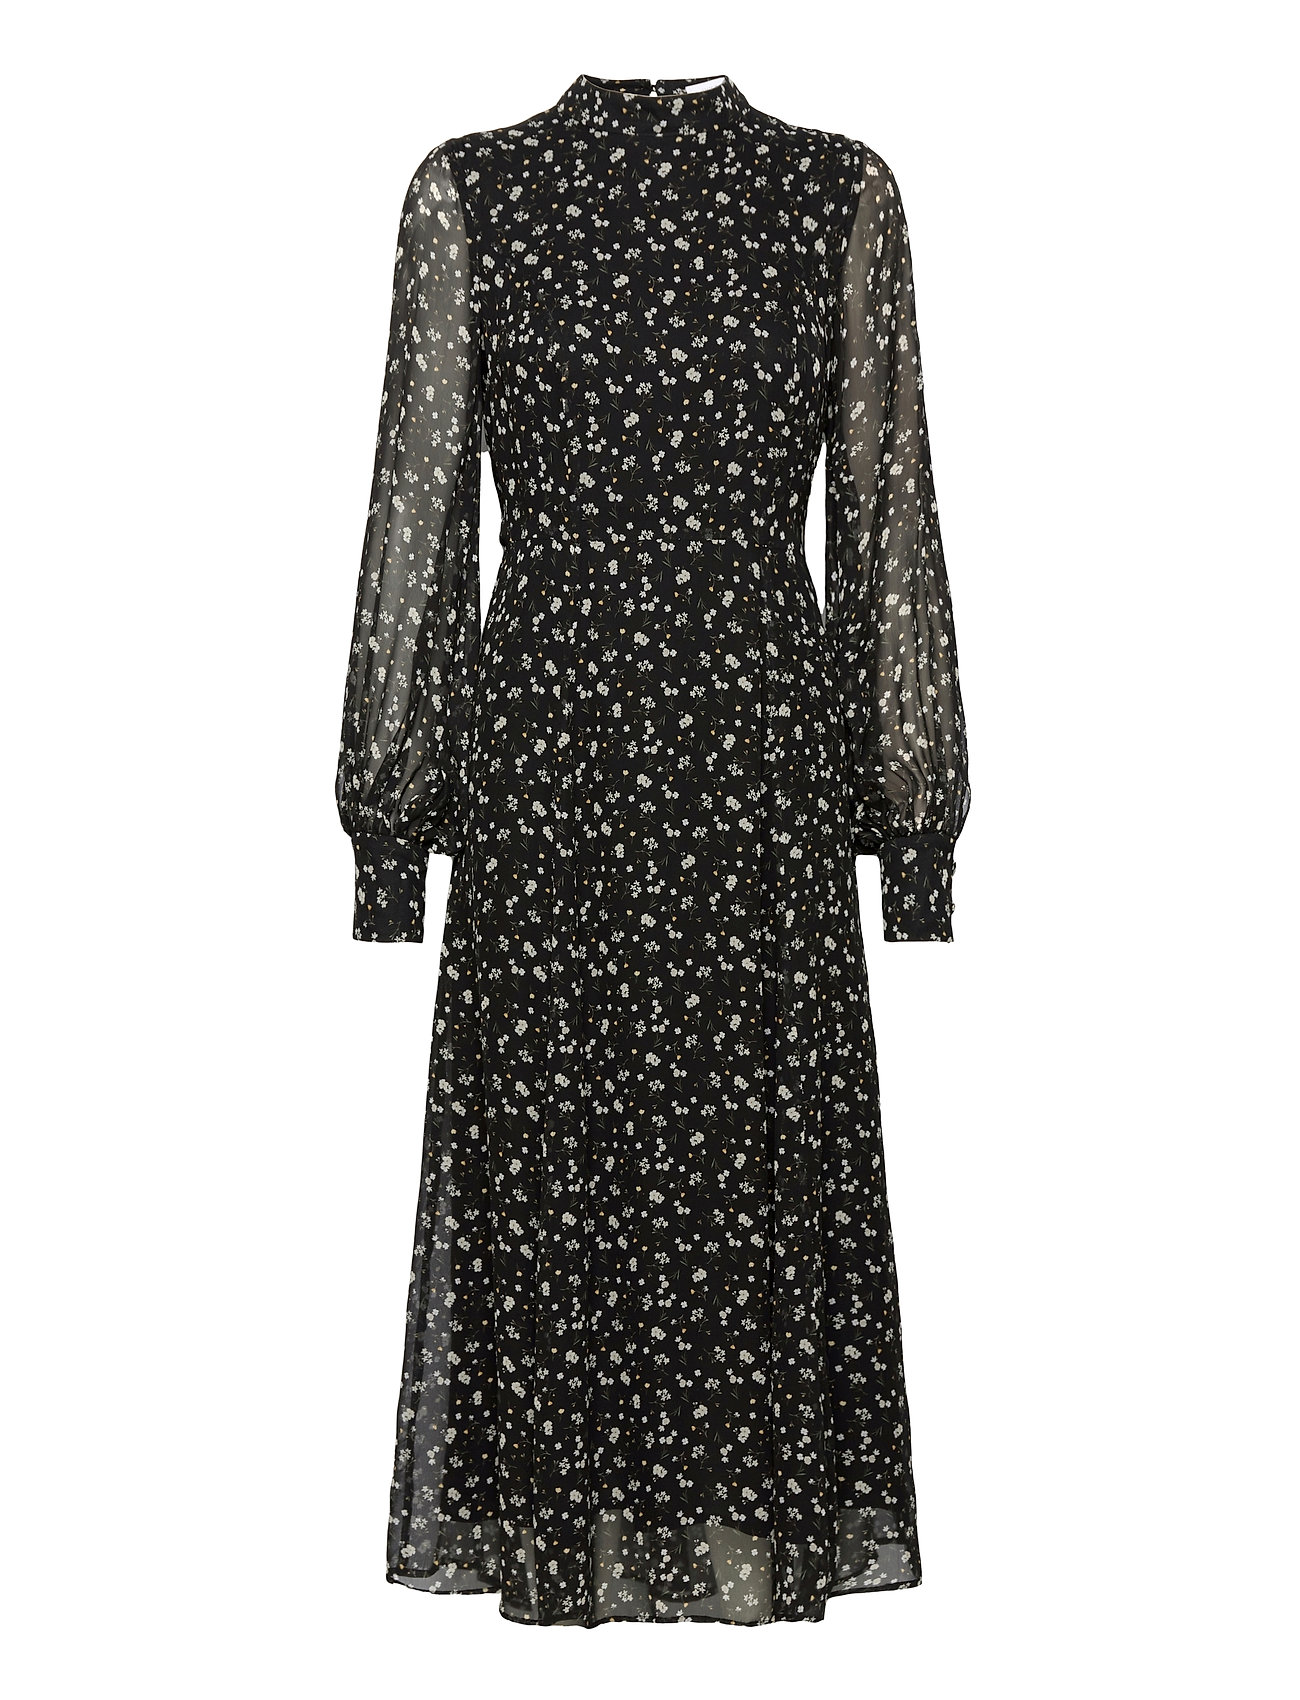 Image of Flared Dress Midi Length Knælang Kjole Sort Ivy & Oak (3468424603)